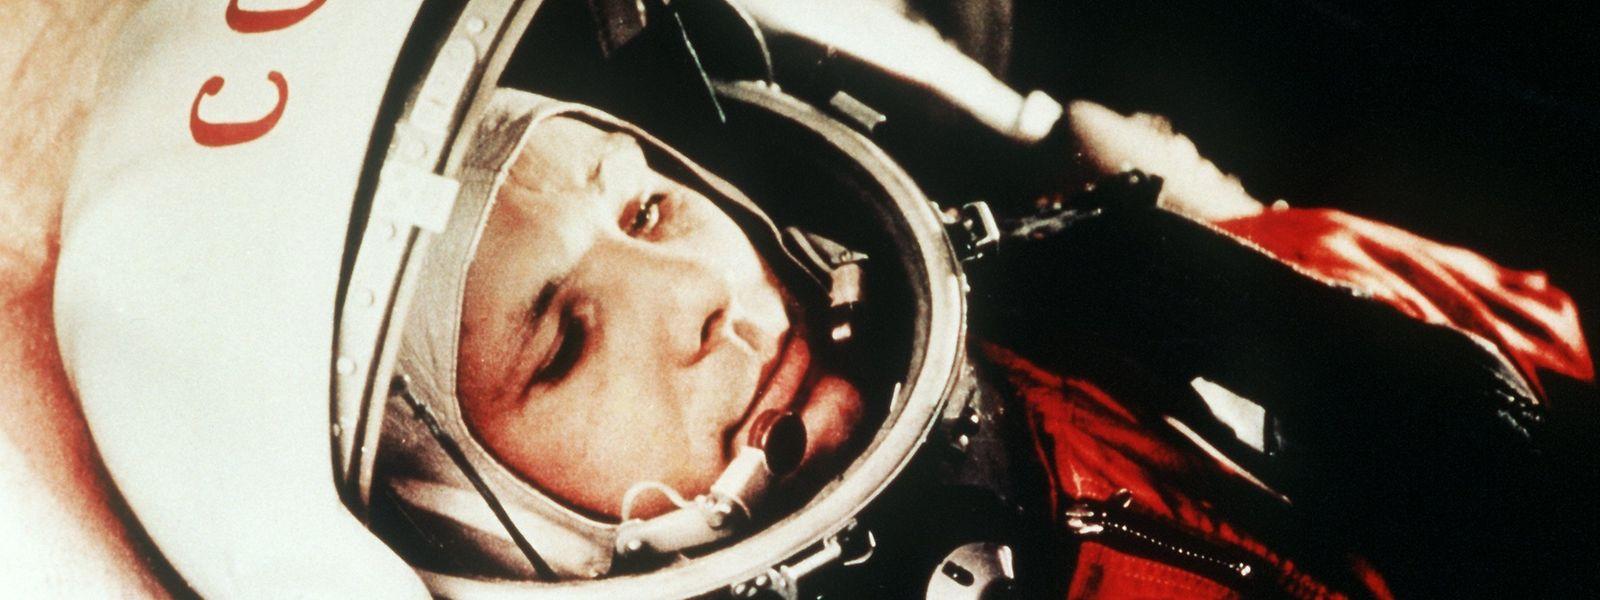 Das Archivbild vom April 1961 zeigt den sowjetischen Kosmonauten Juri Gagarin in seinem Raumanzug kurz vor seinem Start zum ersten bemannten Weltraumflug vom Weltraumbahnhofs Baikonur.